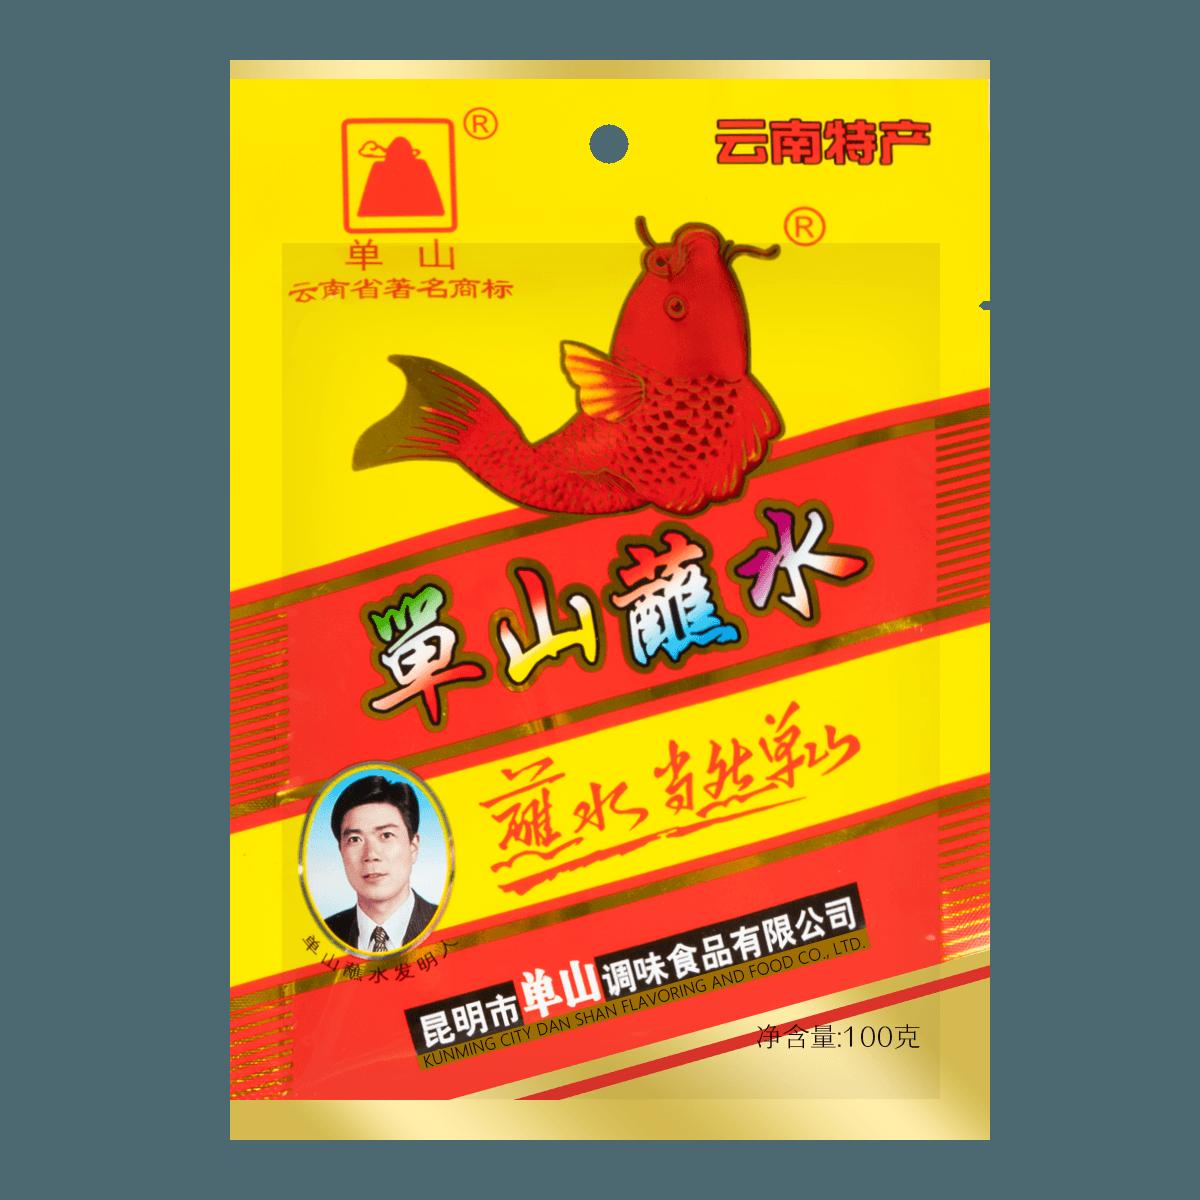 单山 单山蘸水 云南特产 (辣椒面)100g